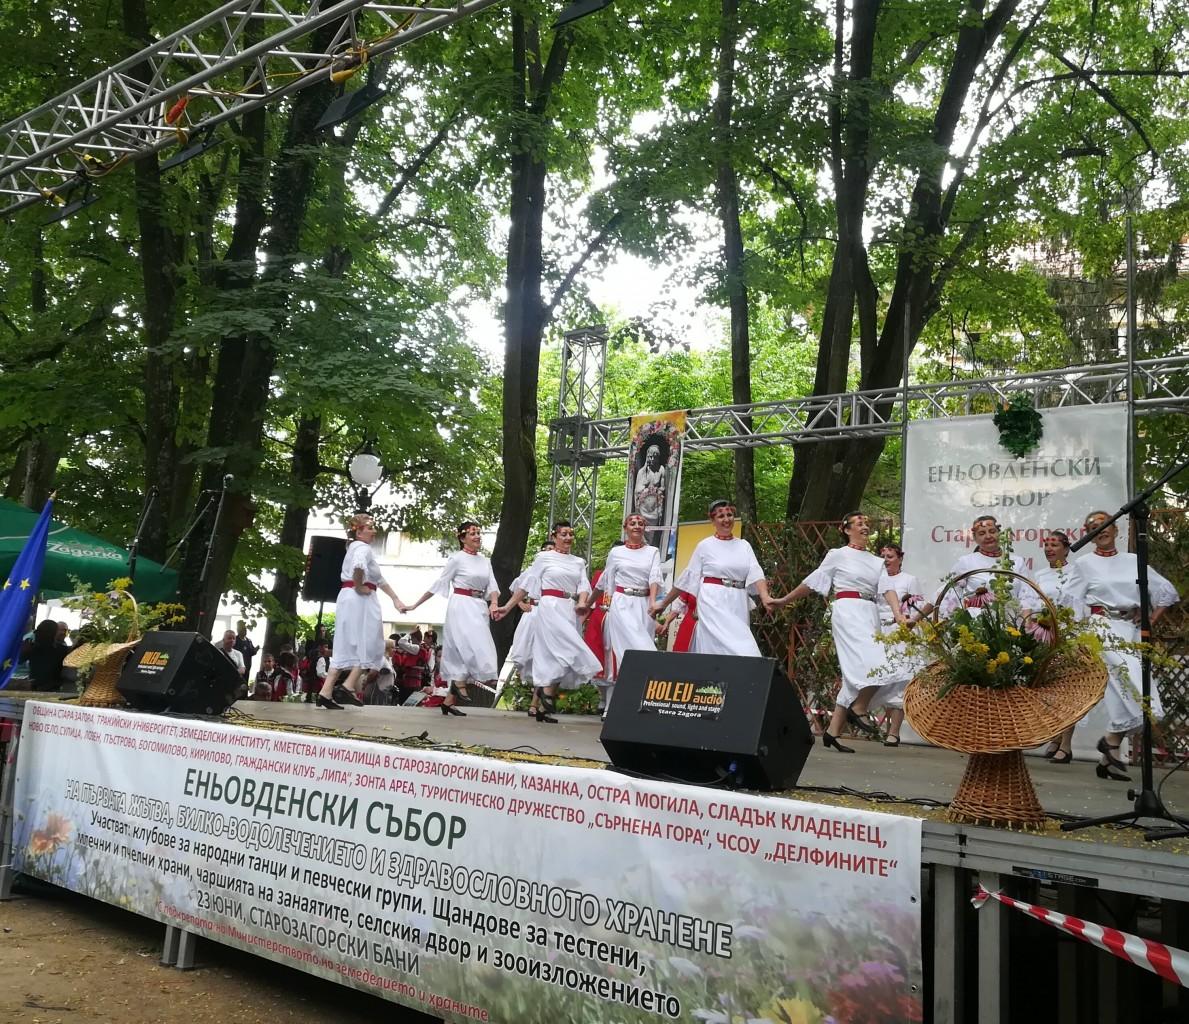 Еньовденски събор подготвят на Старозагорските бани